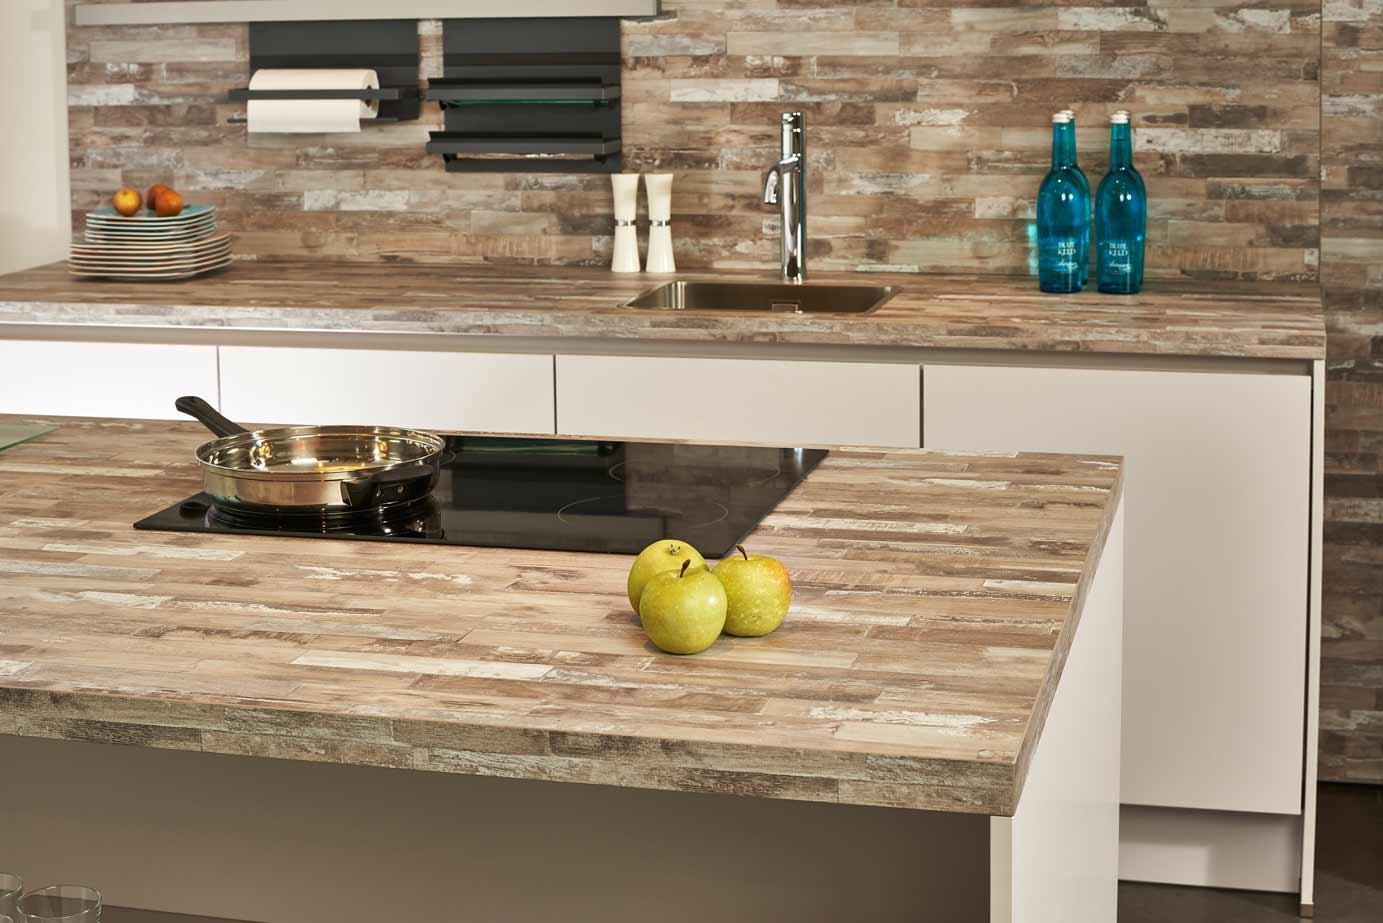 Werkblad Keuken Hout : Showroomkeuken met eiland tijdelijk aanbod db keukens